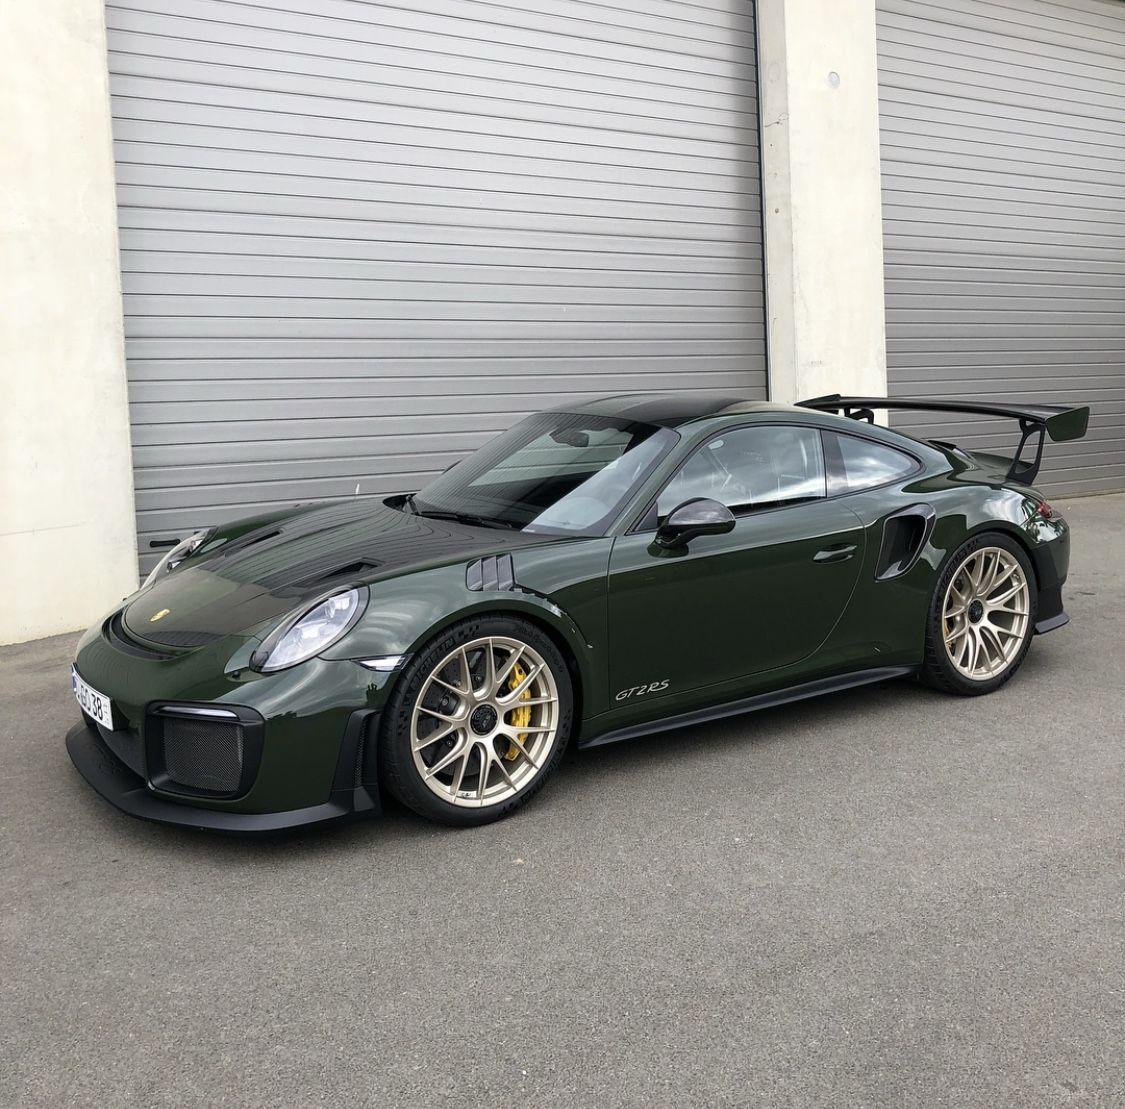 Luxury Cars Porsche Cars Black Porsche: 2018 Dark Green Porsche GT2RS